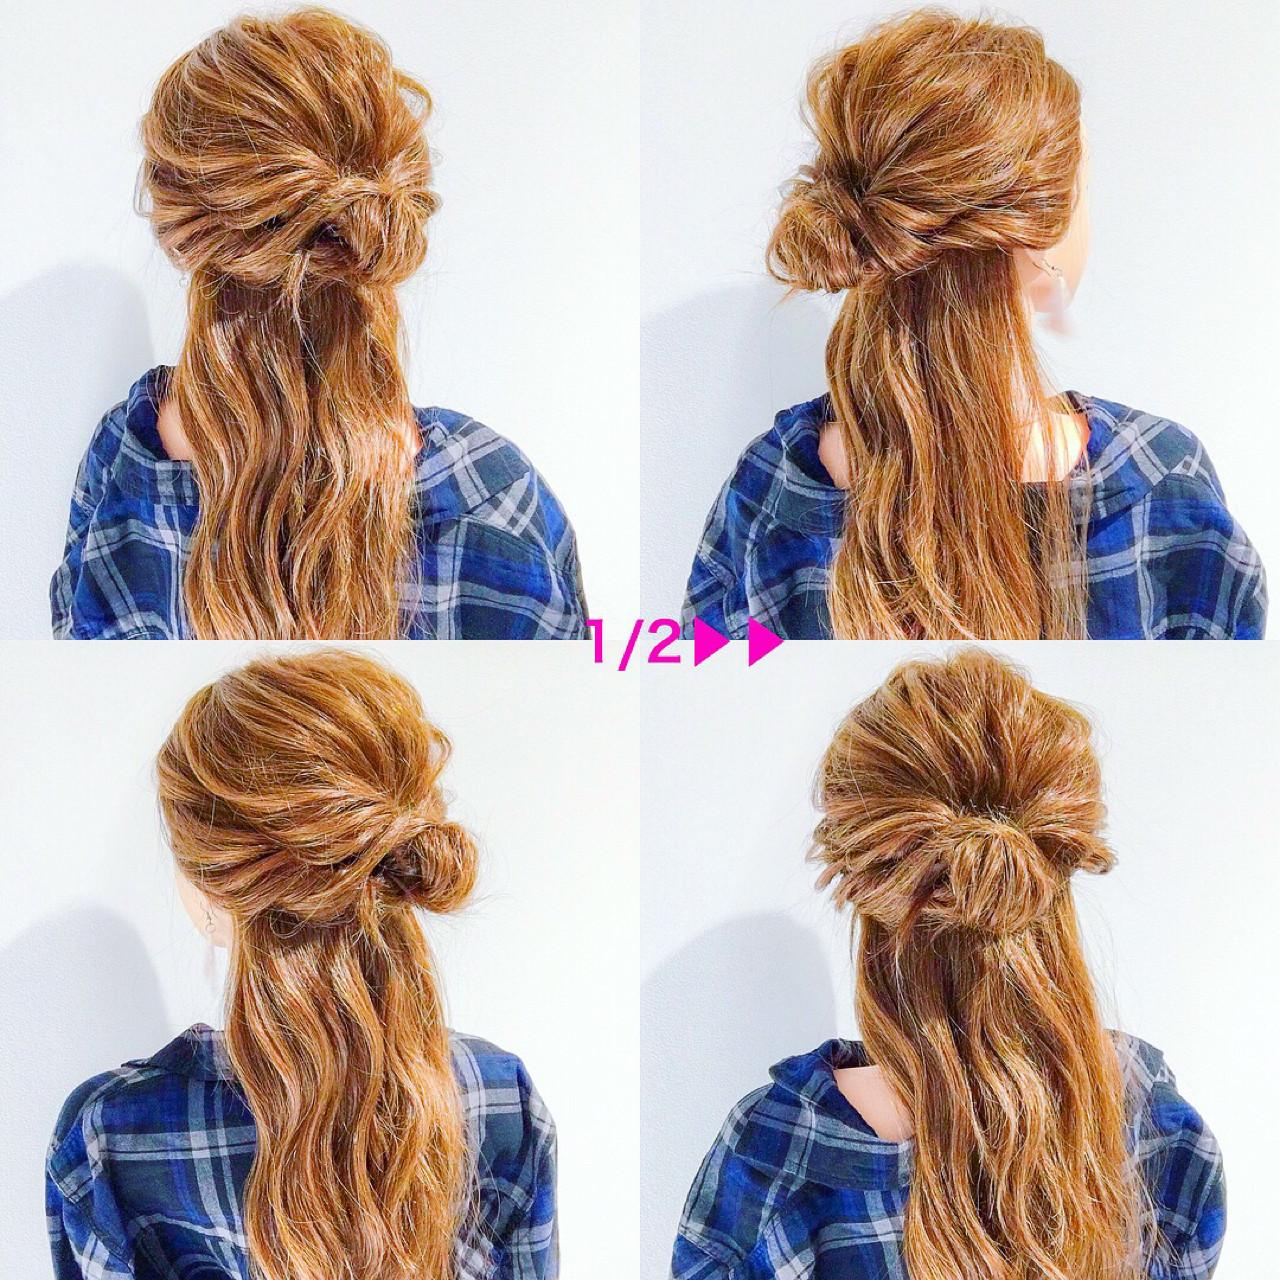 簡単ヘアアレンジ 上品 ロング オフィス ヘアスタイルや髪型の写真・画像 | 美容師HIRO/Amoute代表 / Amoute/アムティ